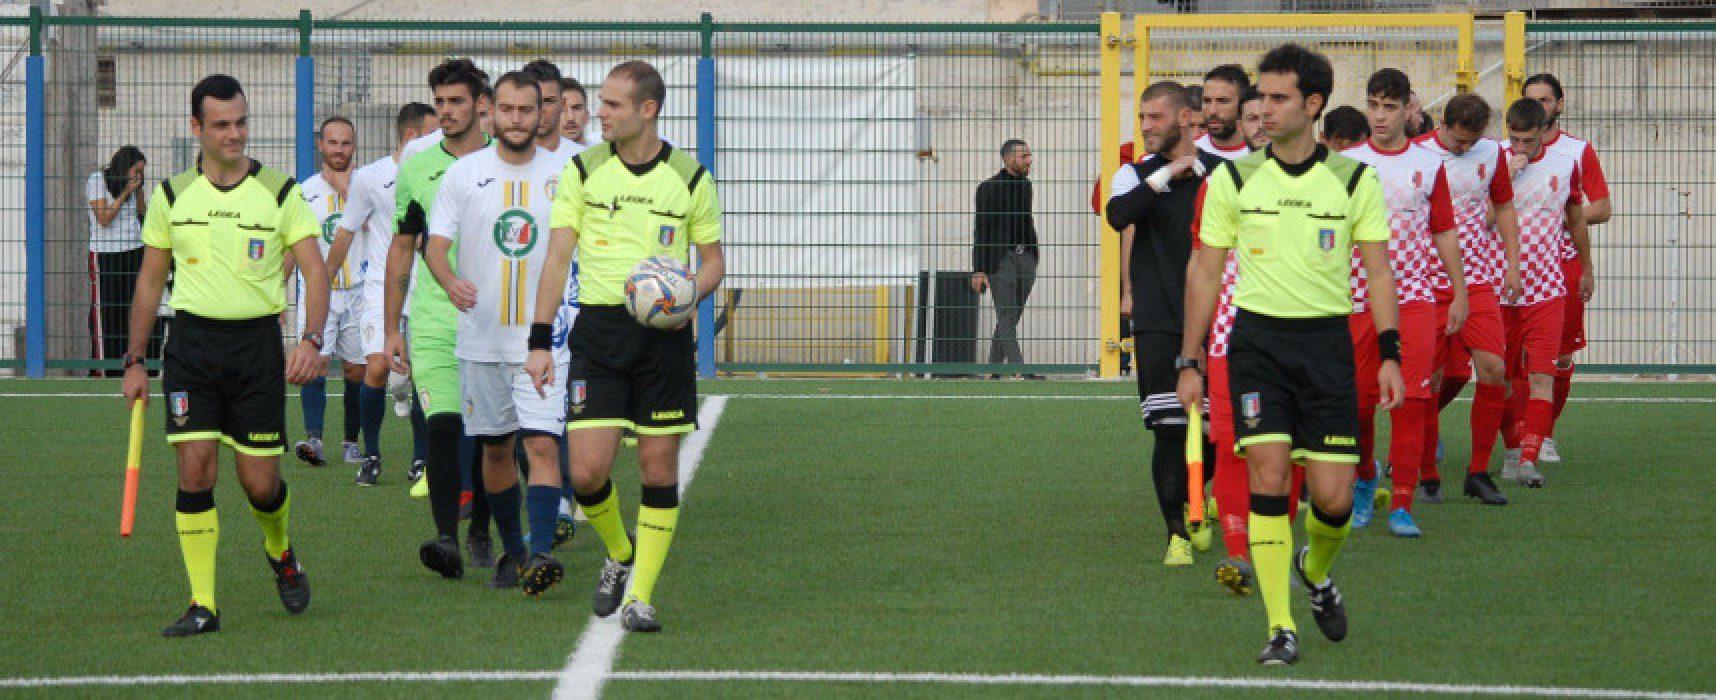 Don Uva, sfida esterna contro il Castellaneta Calcio